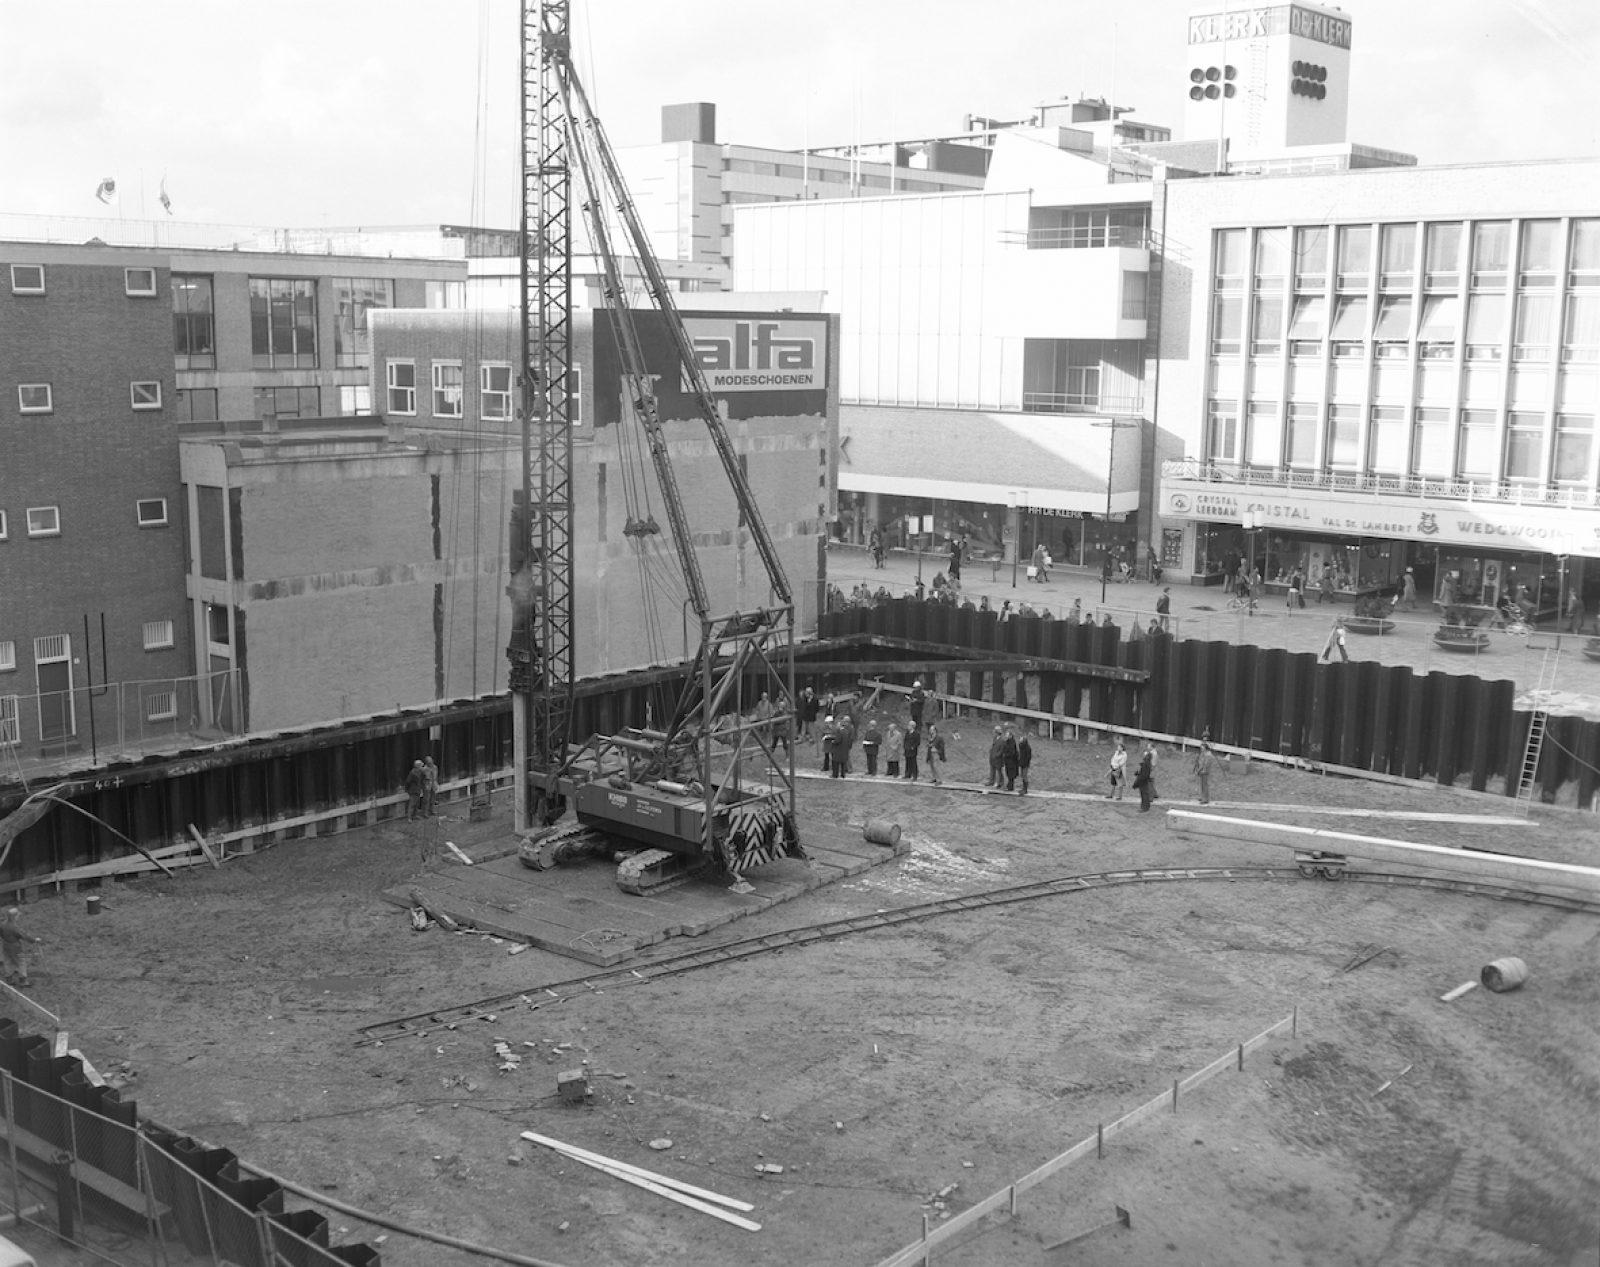 1975 bouwplaats Cools Poort Keerweer AG NL Rt SA 4121 13584 01